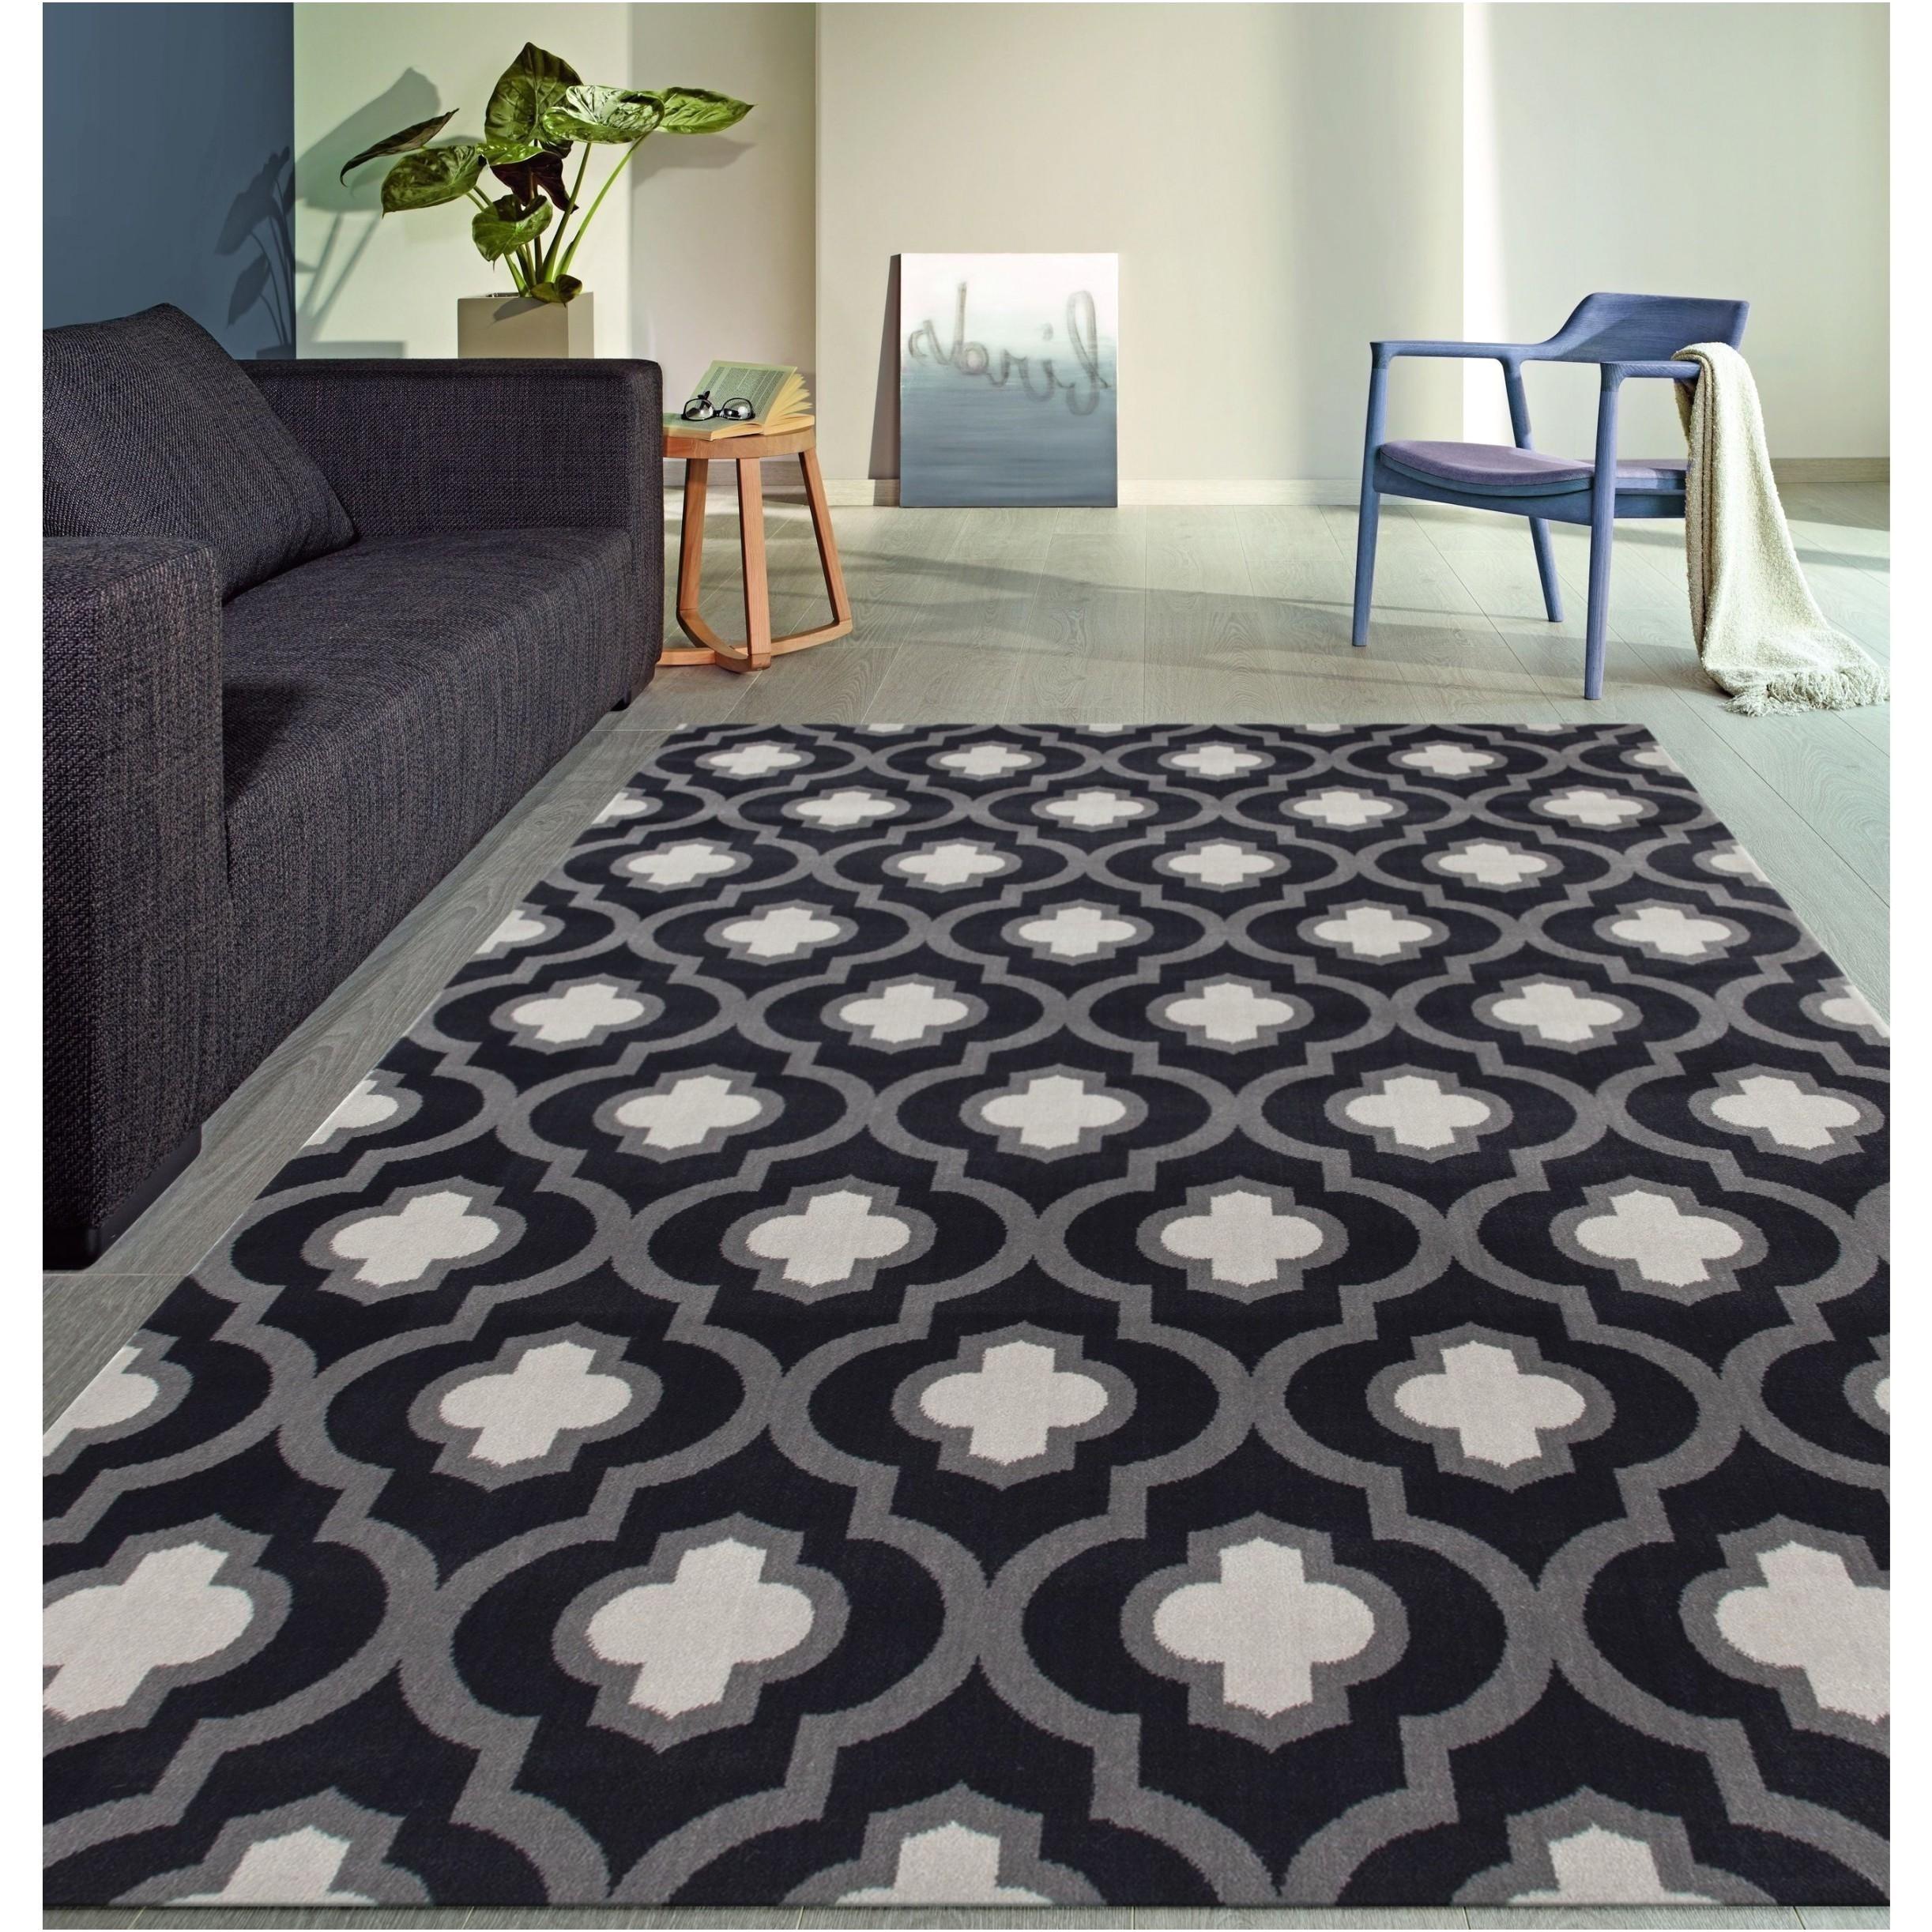 full size of home design moroccan trellis rug inspirational furniture forter sets at kohl s large size of home design moroccan trellis rug inspirational